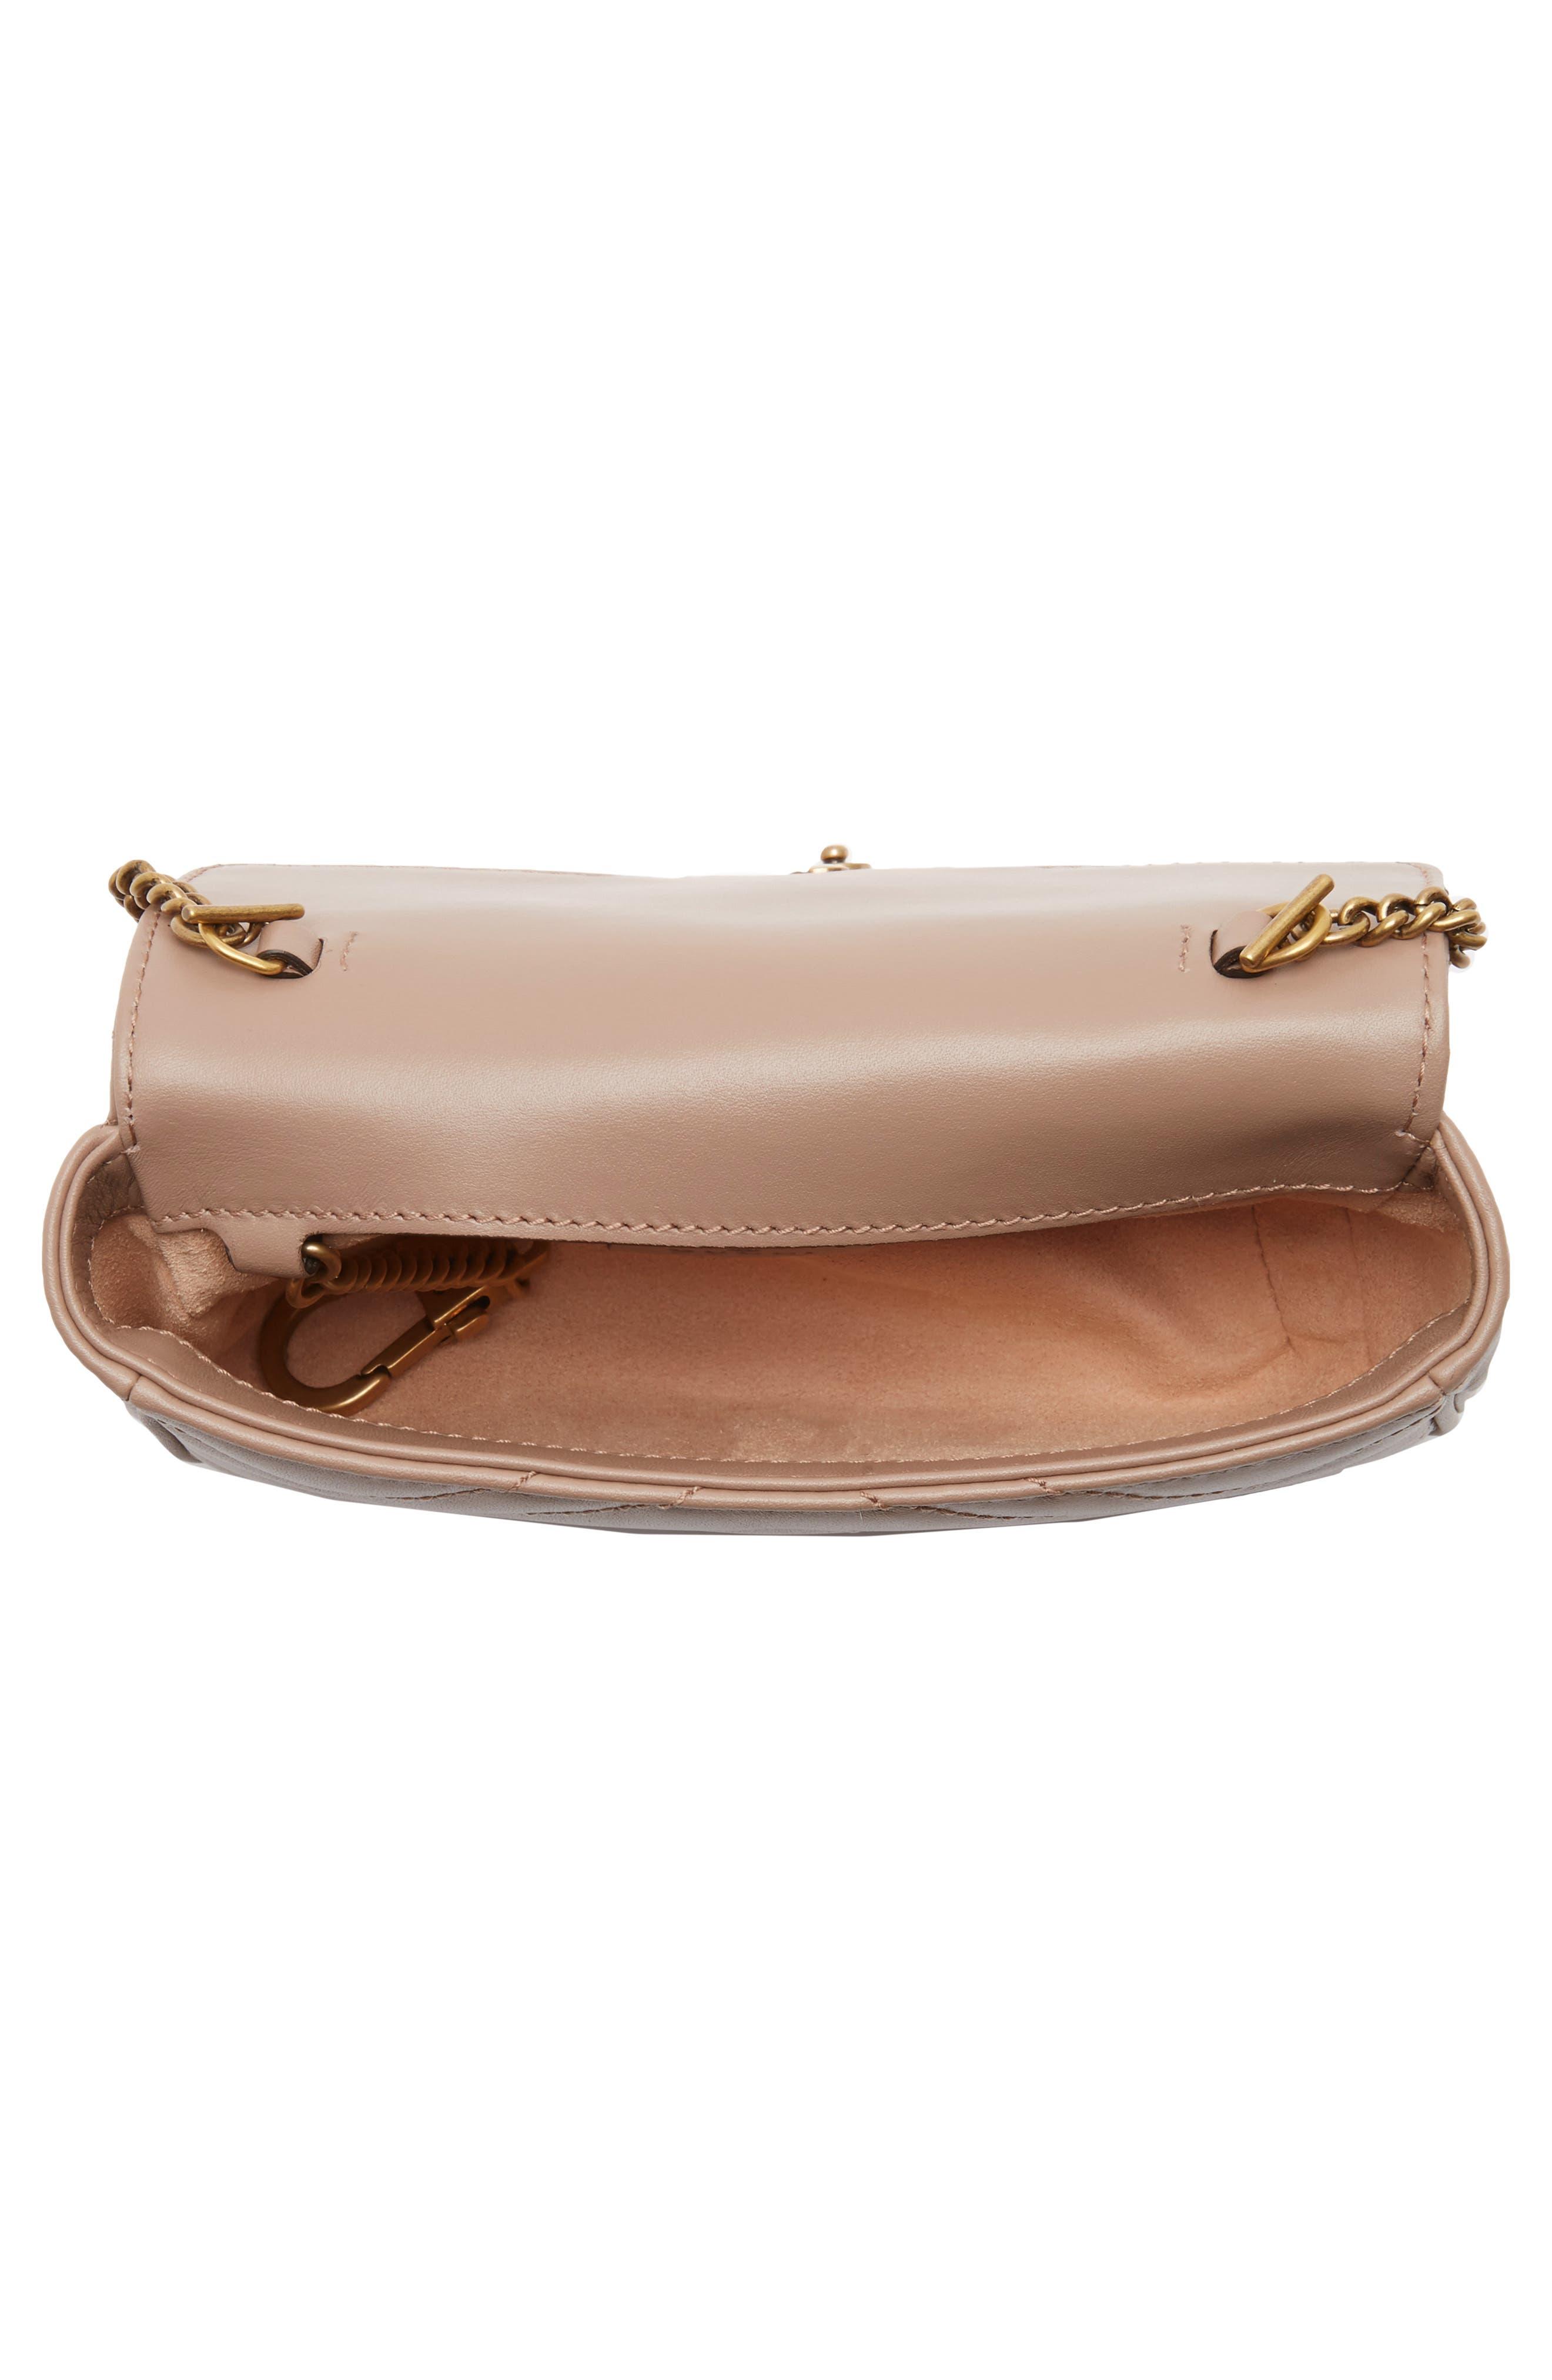 Alternate Image 3  - Gucci Supermini GG Marmont 2.0 Matelassé Leather Shoulder Bag